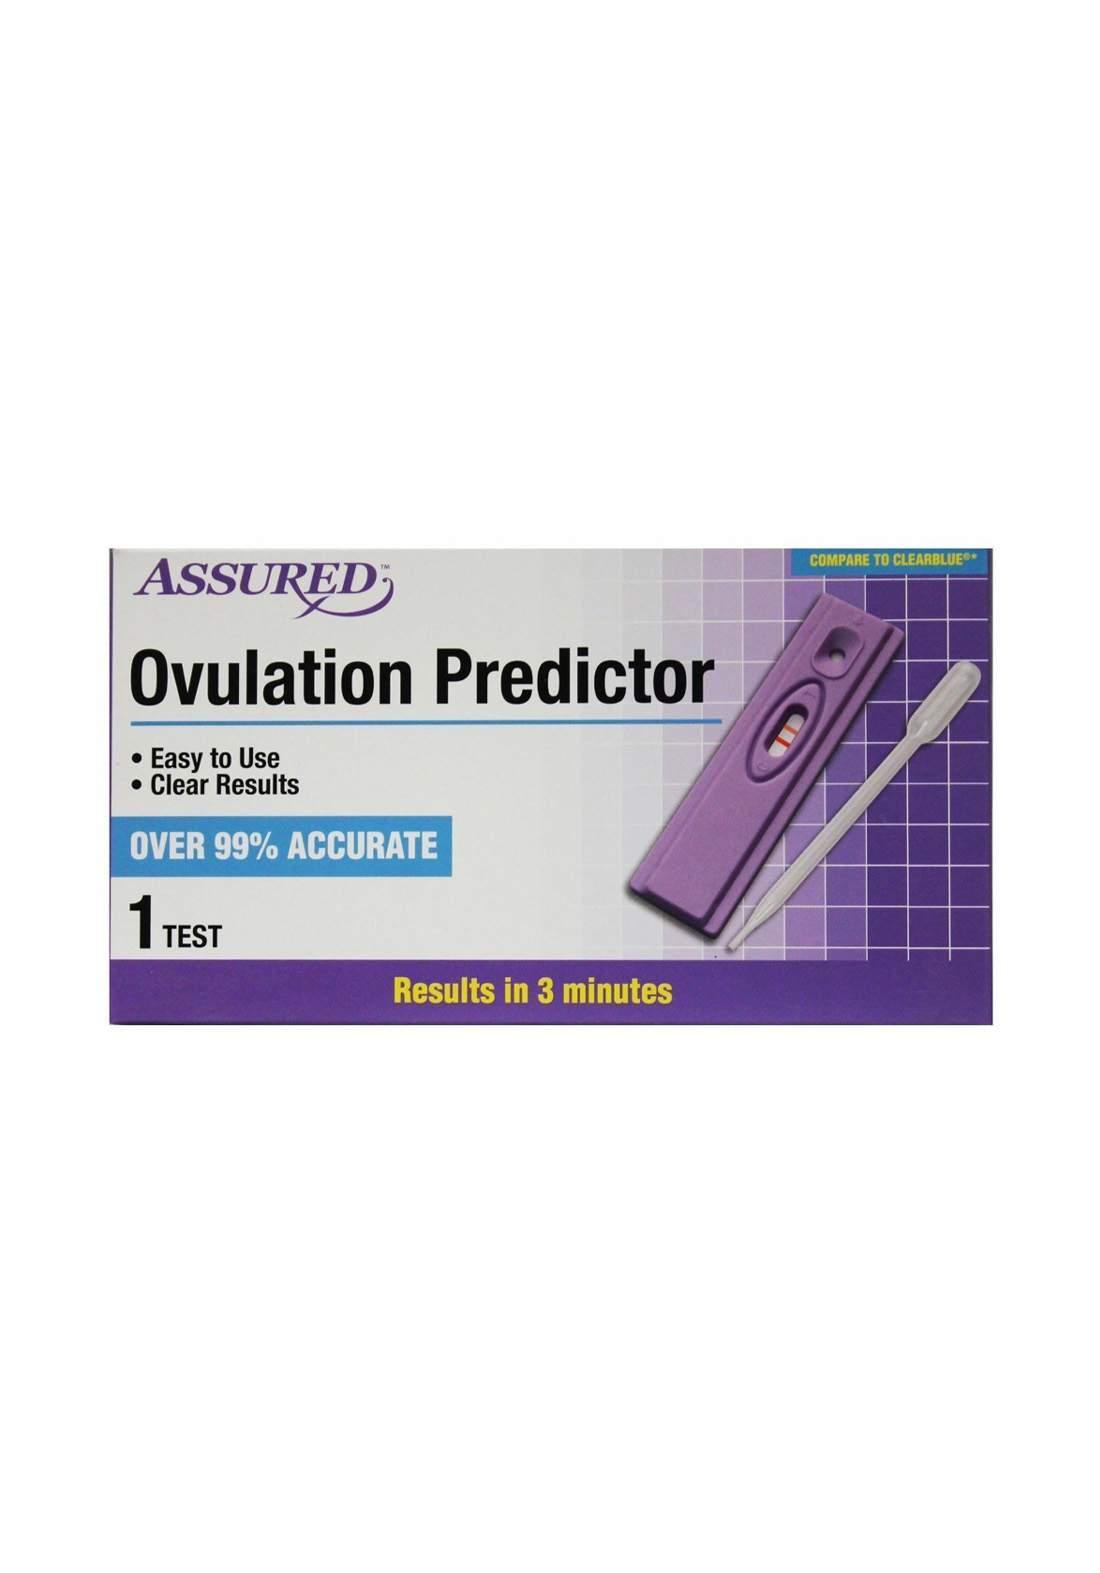 Assured Urine Ovulation Predictor جهاز إختبار